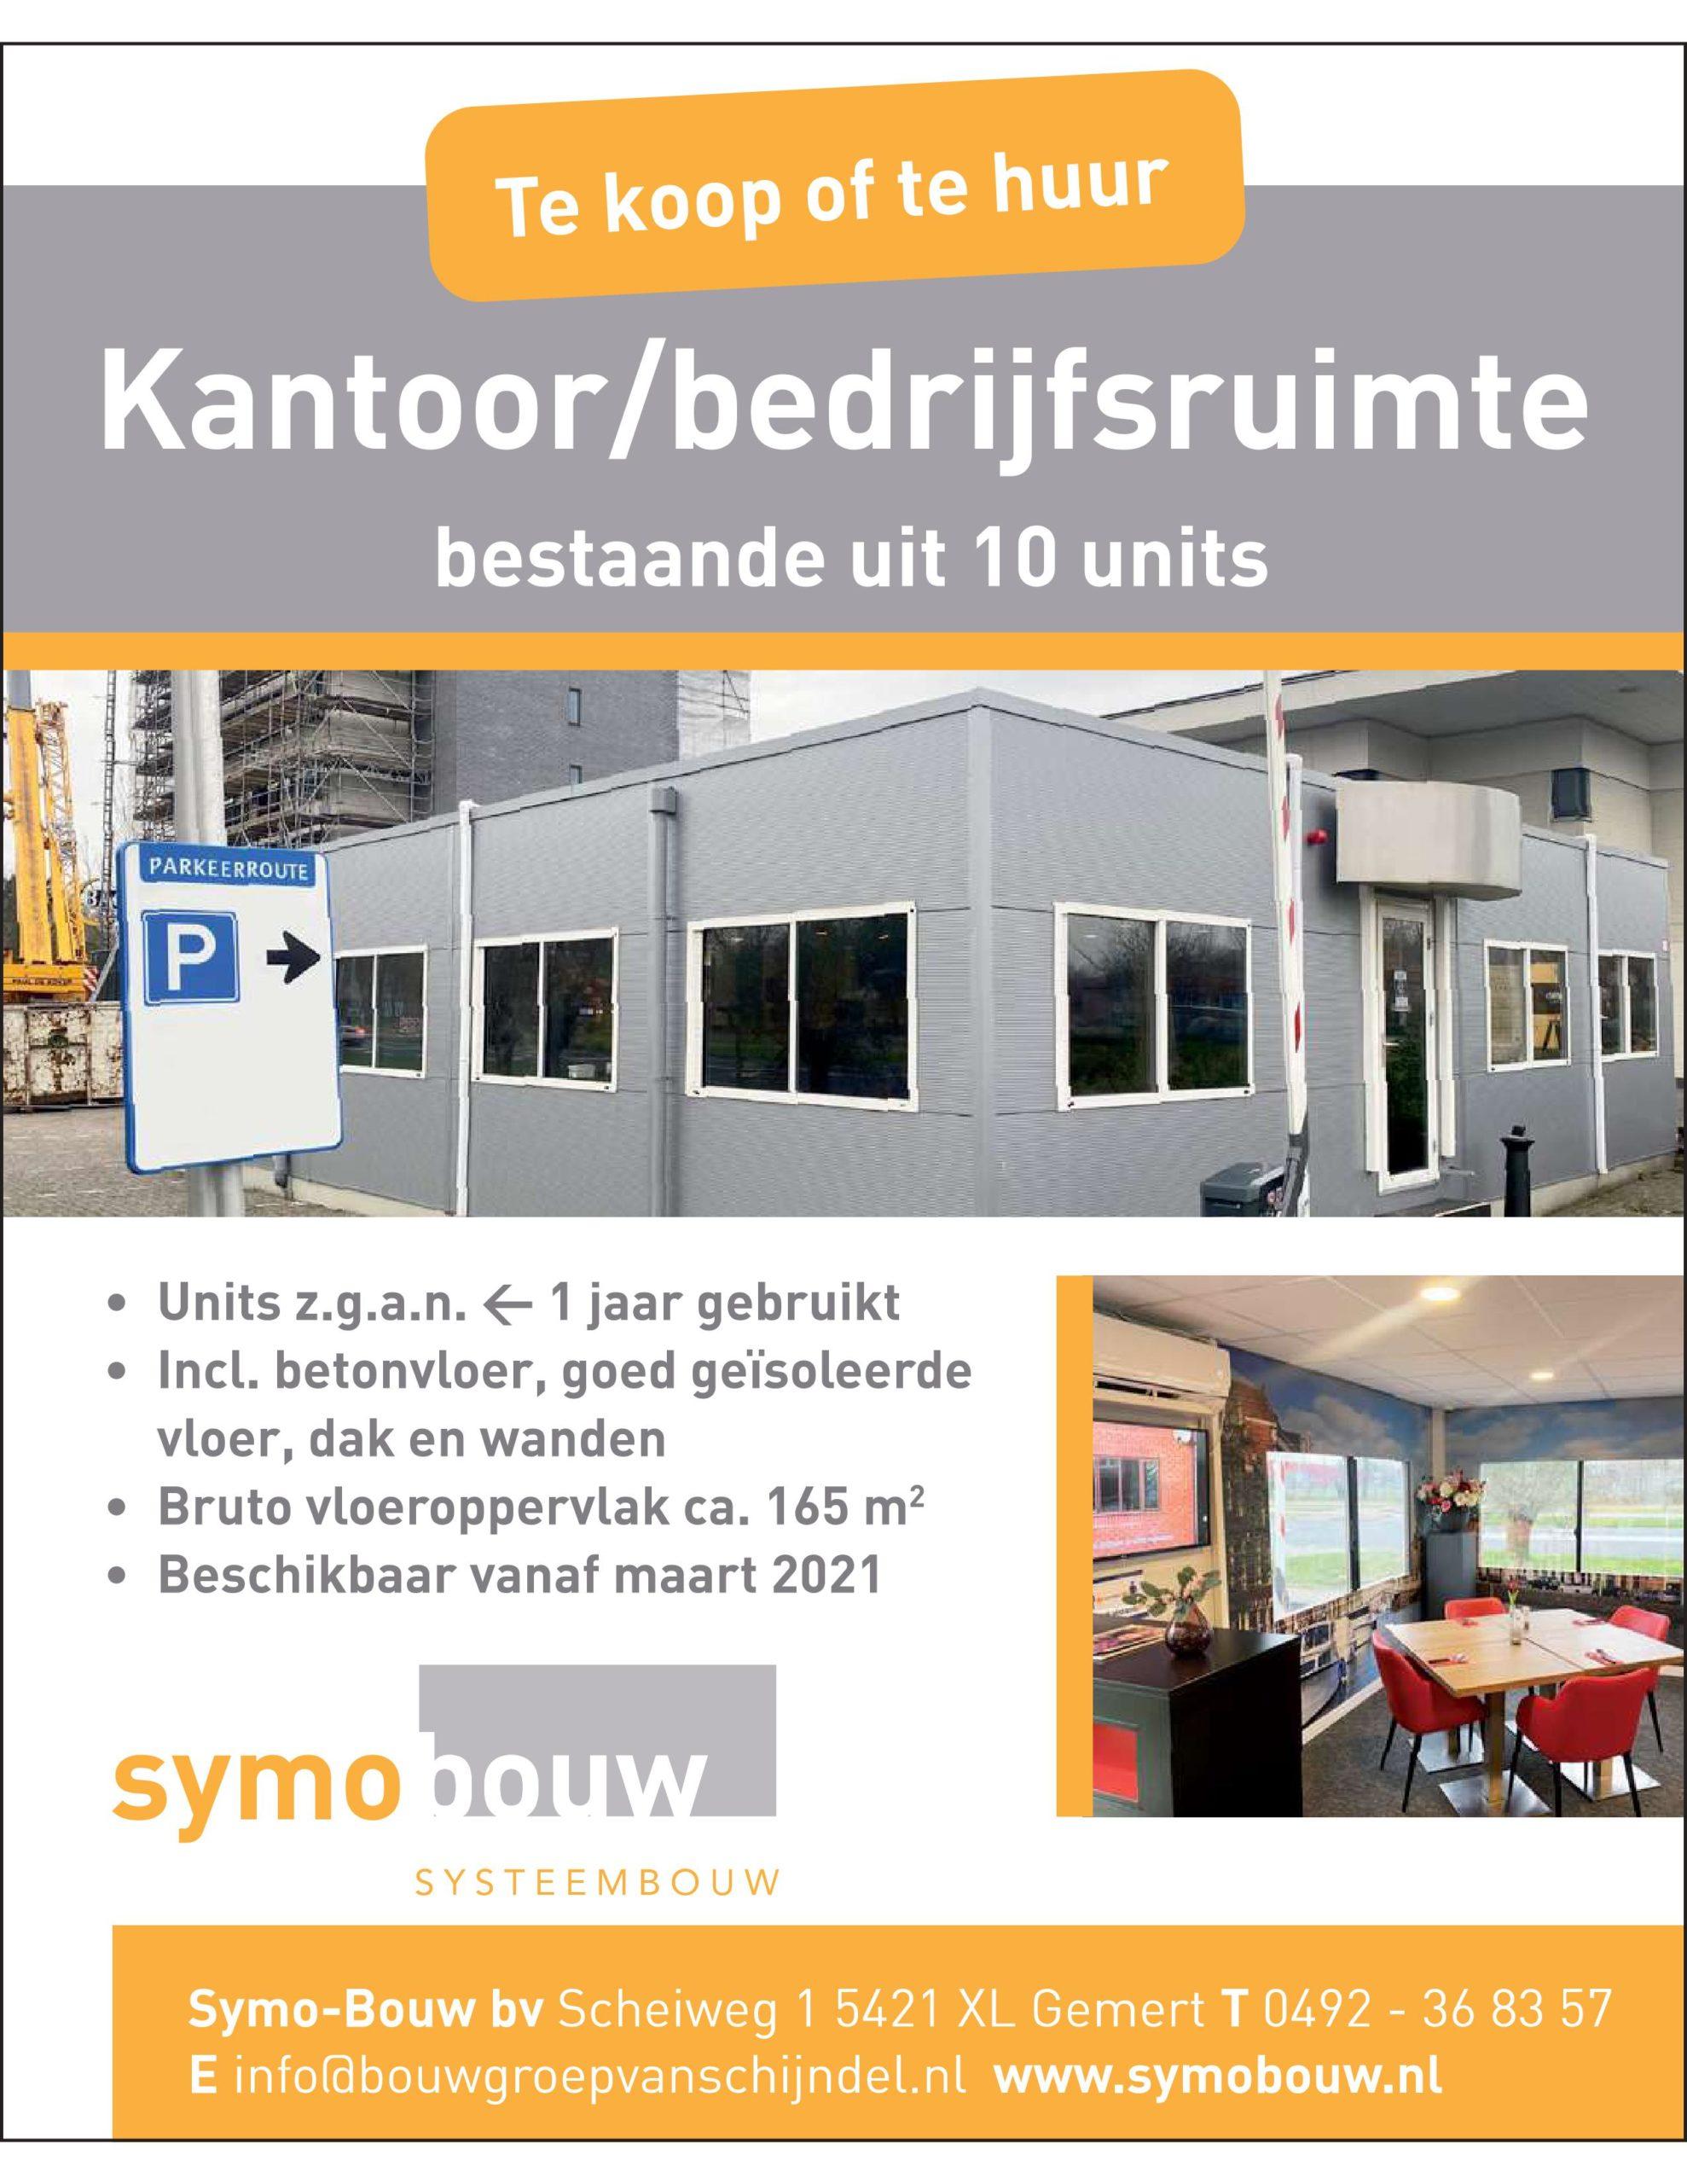 Te koop of te huur Kantoor/bedrijfsruimte